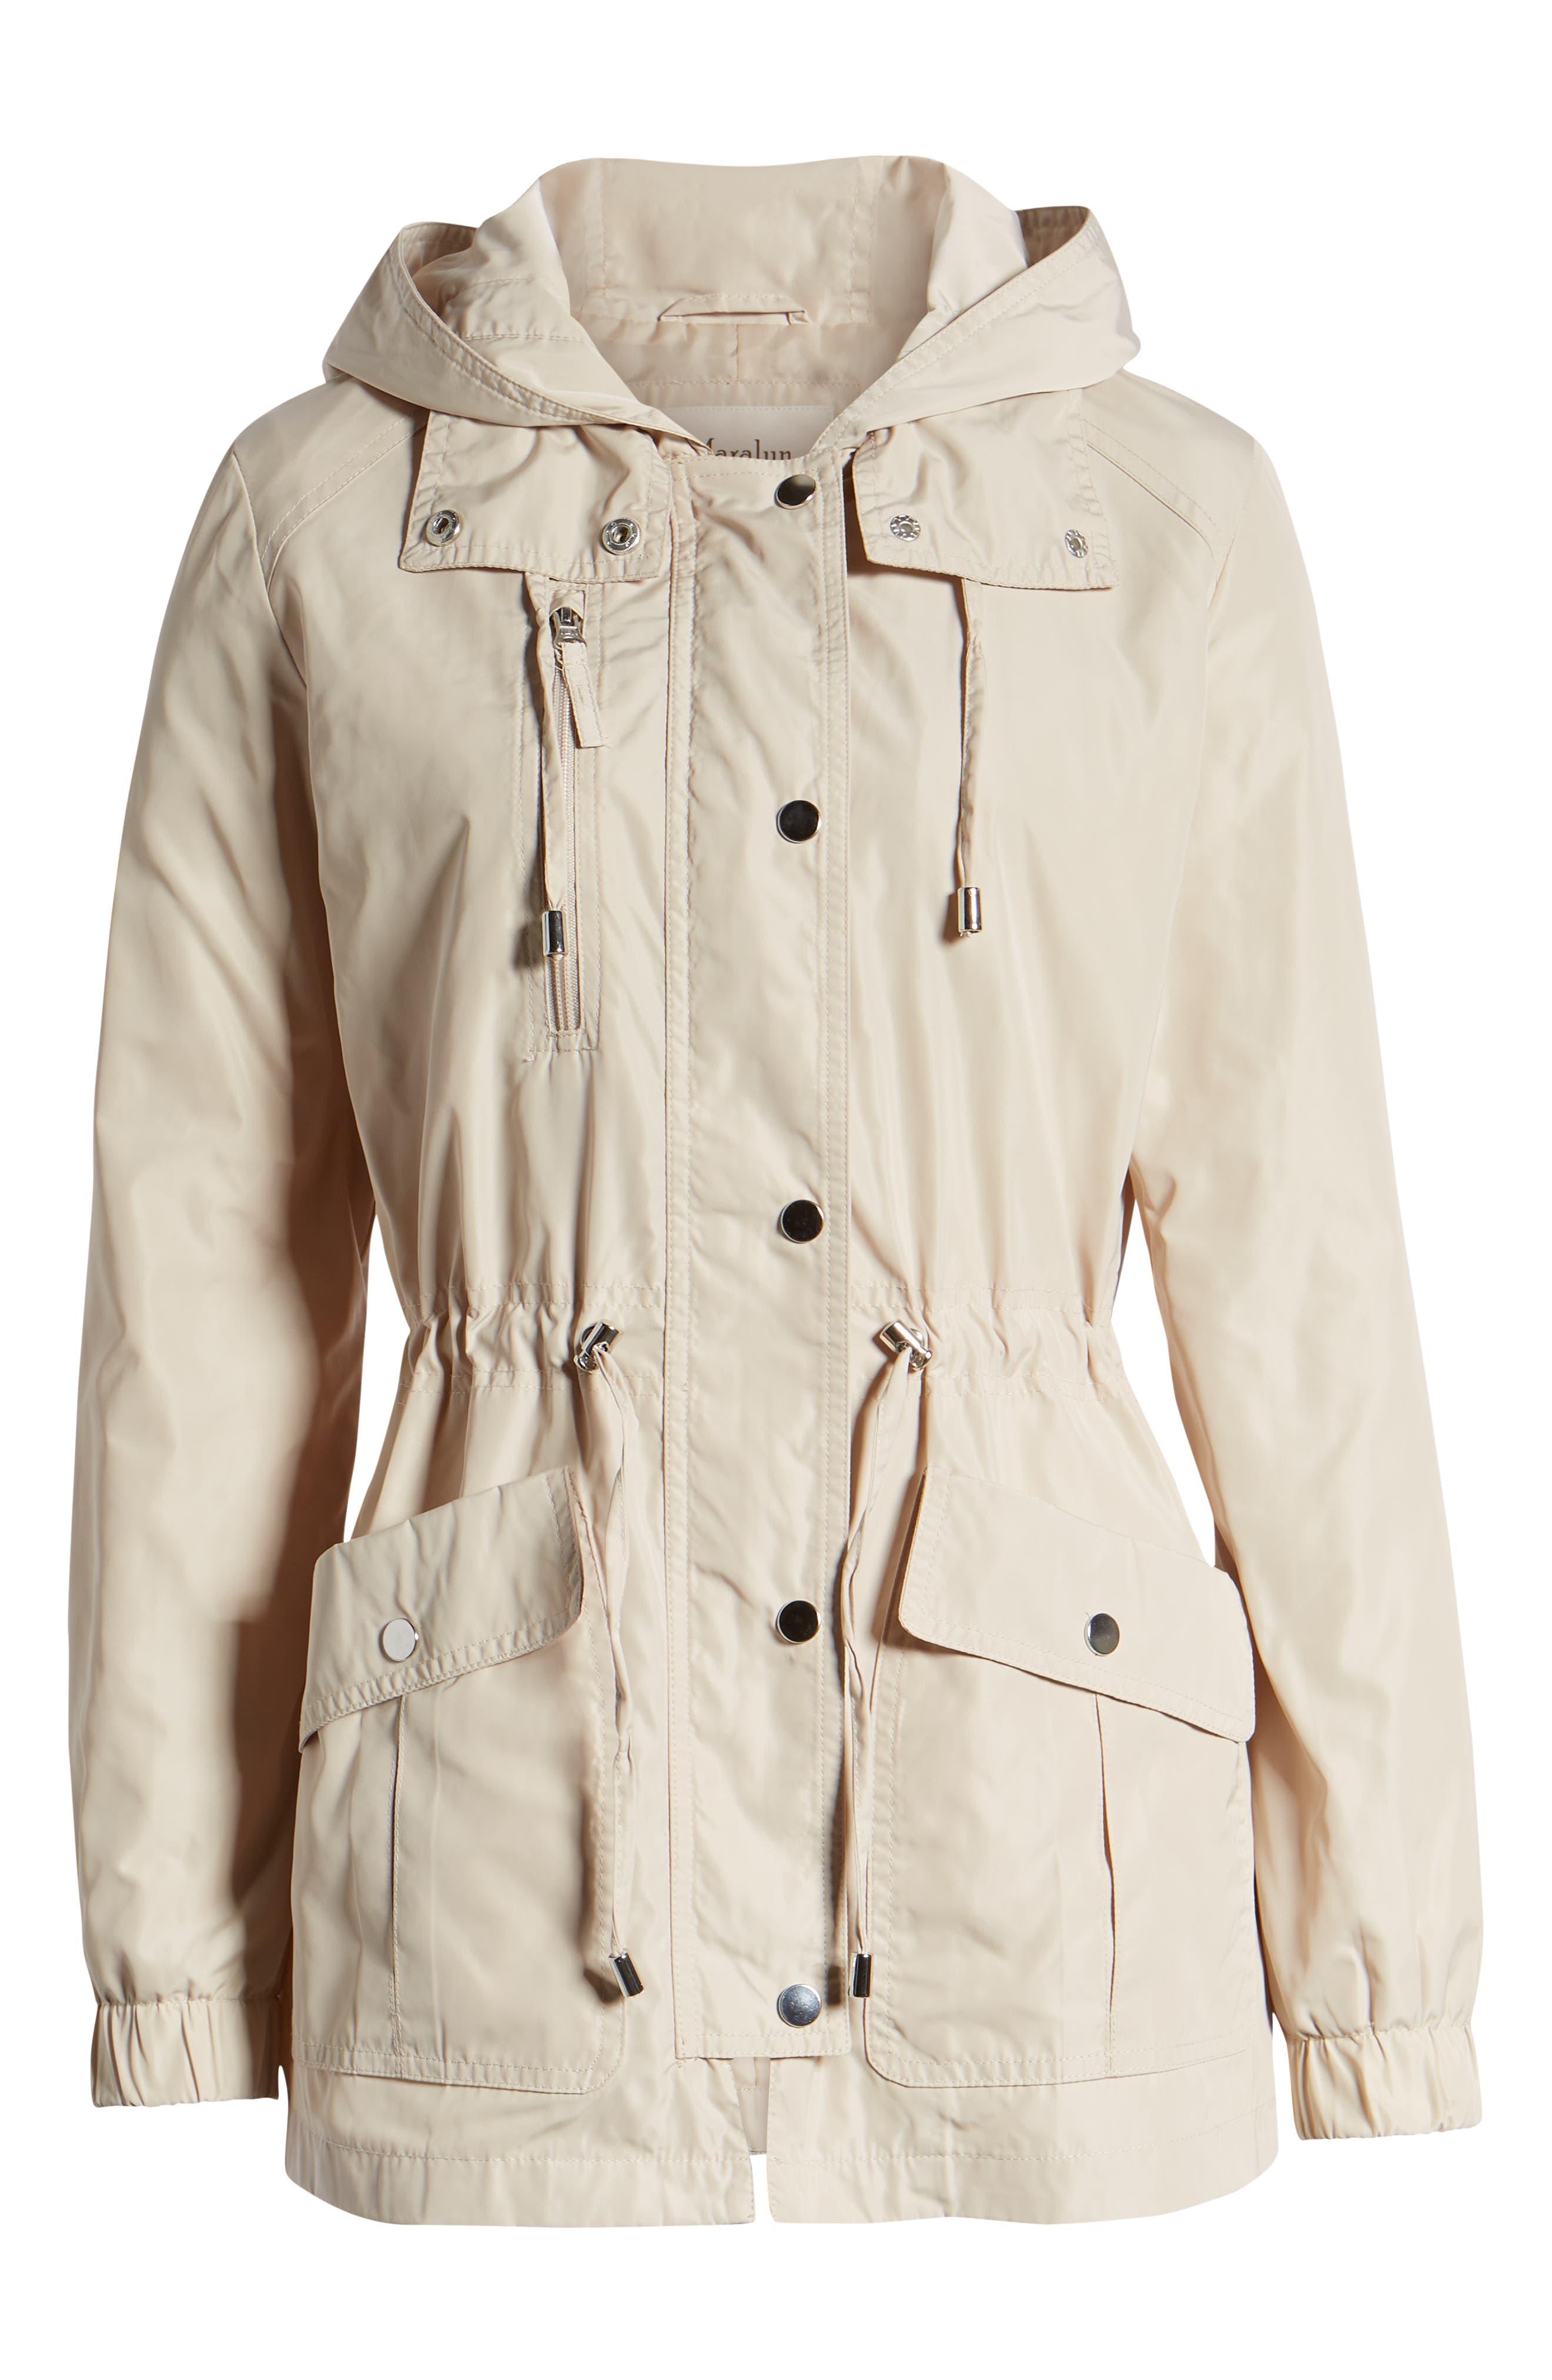 6d76f0676 Women's Anorak Coats & Jackets   Nordstrom